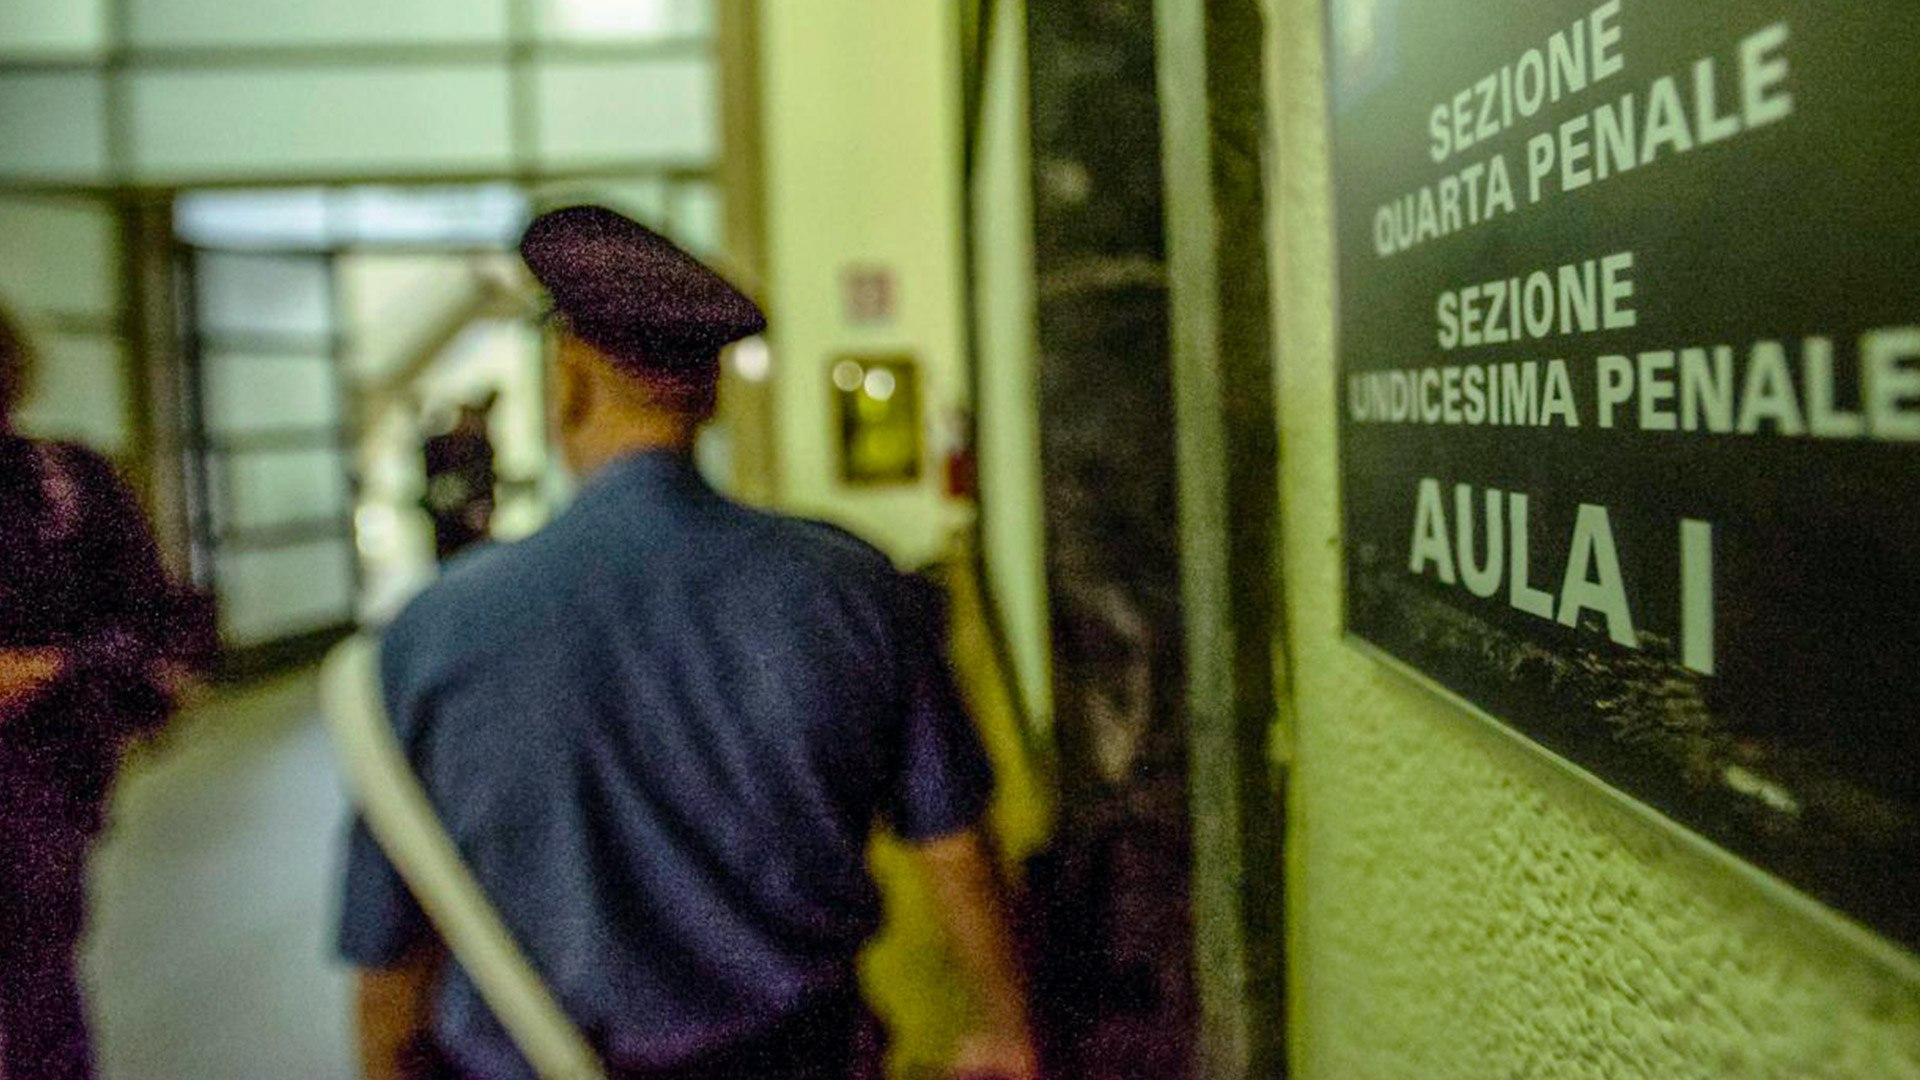 TV8 Delitti: famiglie criminali